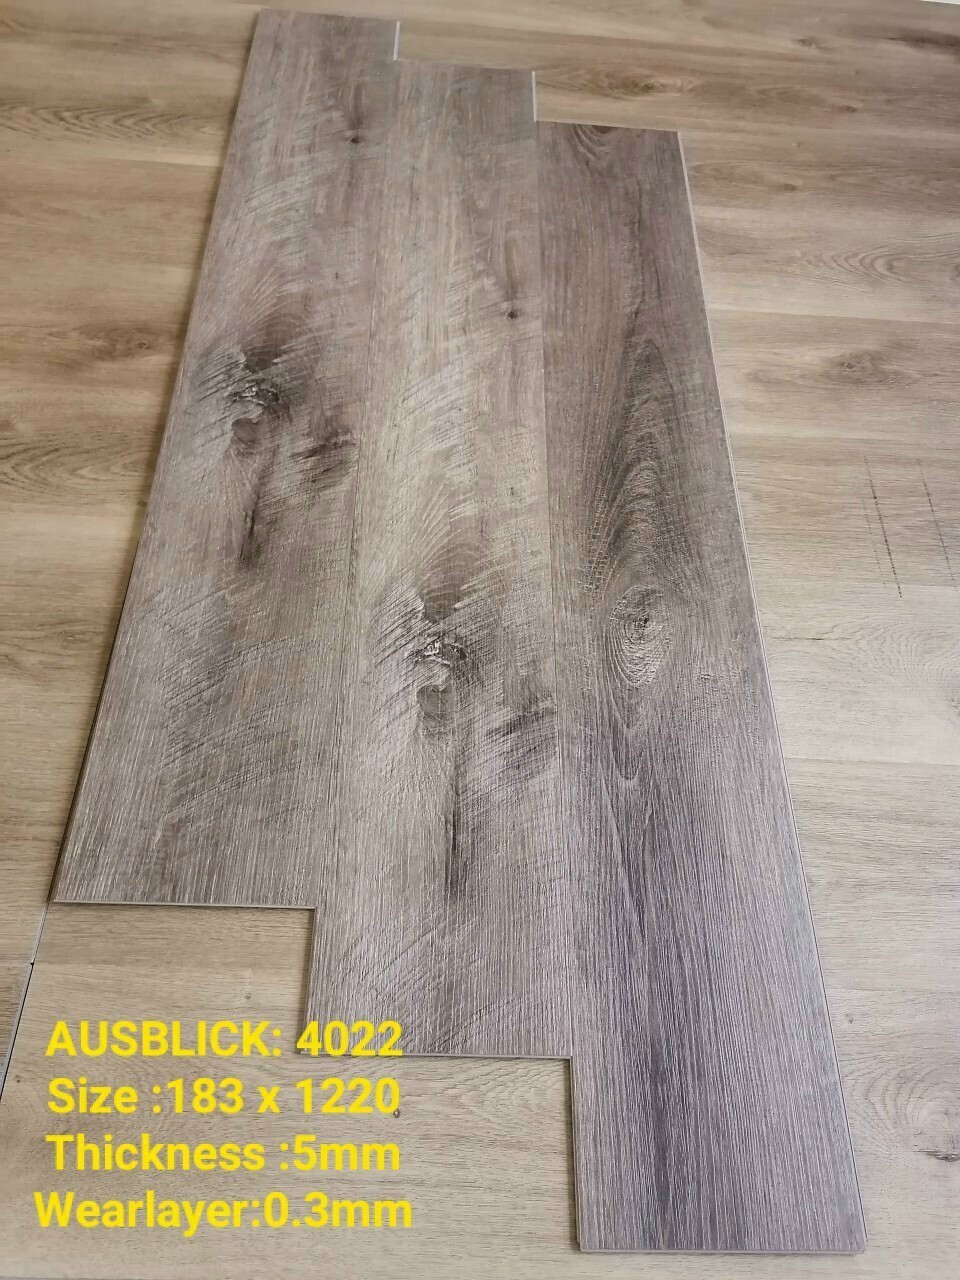 sàn gỗ Ausblick SPC 5mm ID: 4022